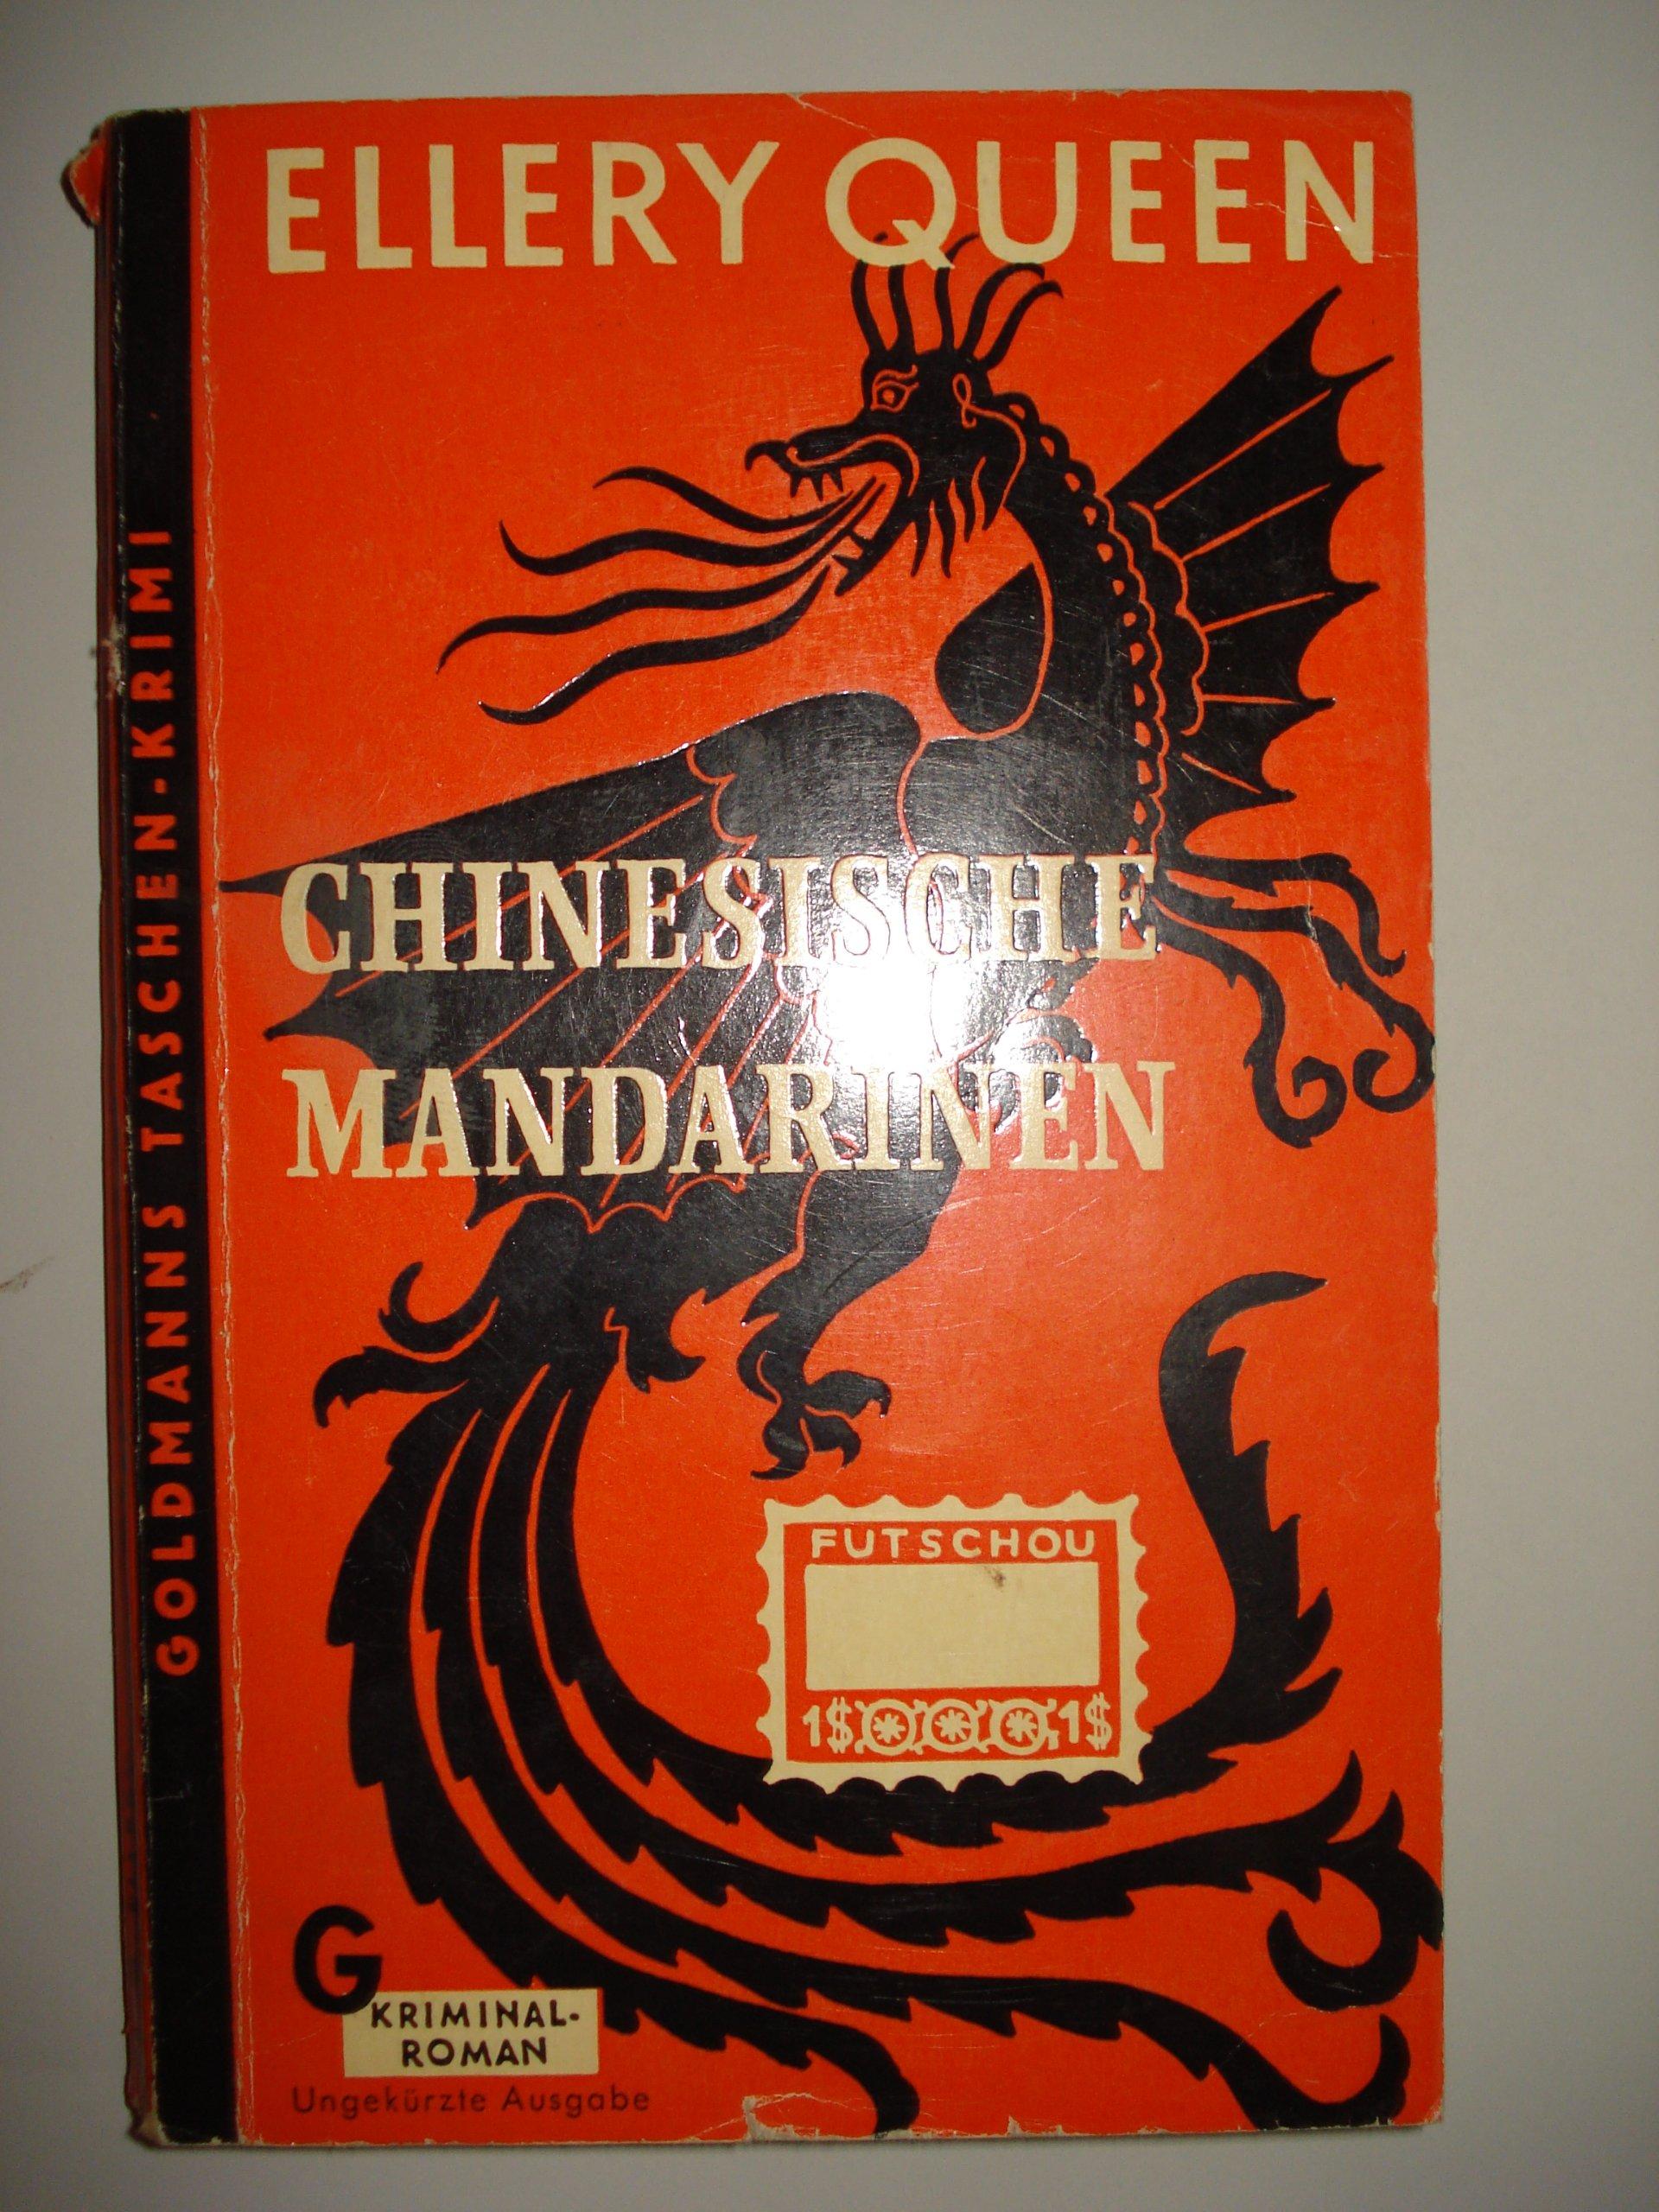 Ellery Queen - Chinesische Mandarinen